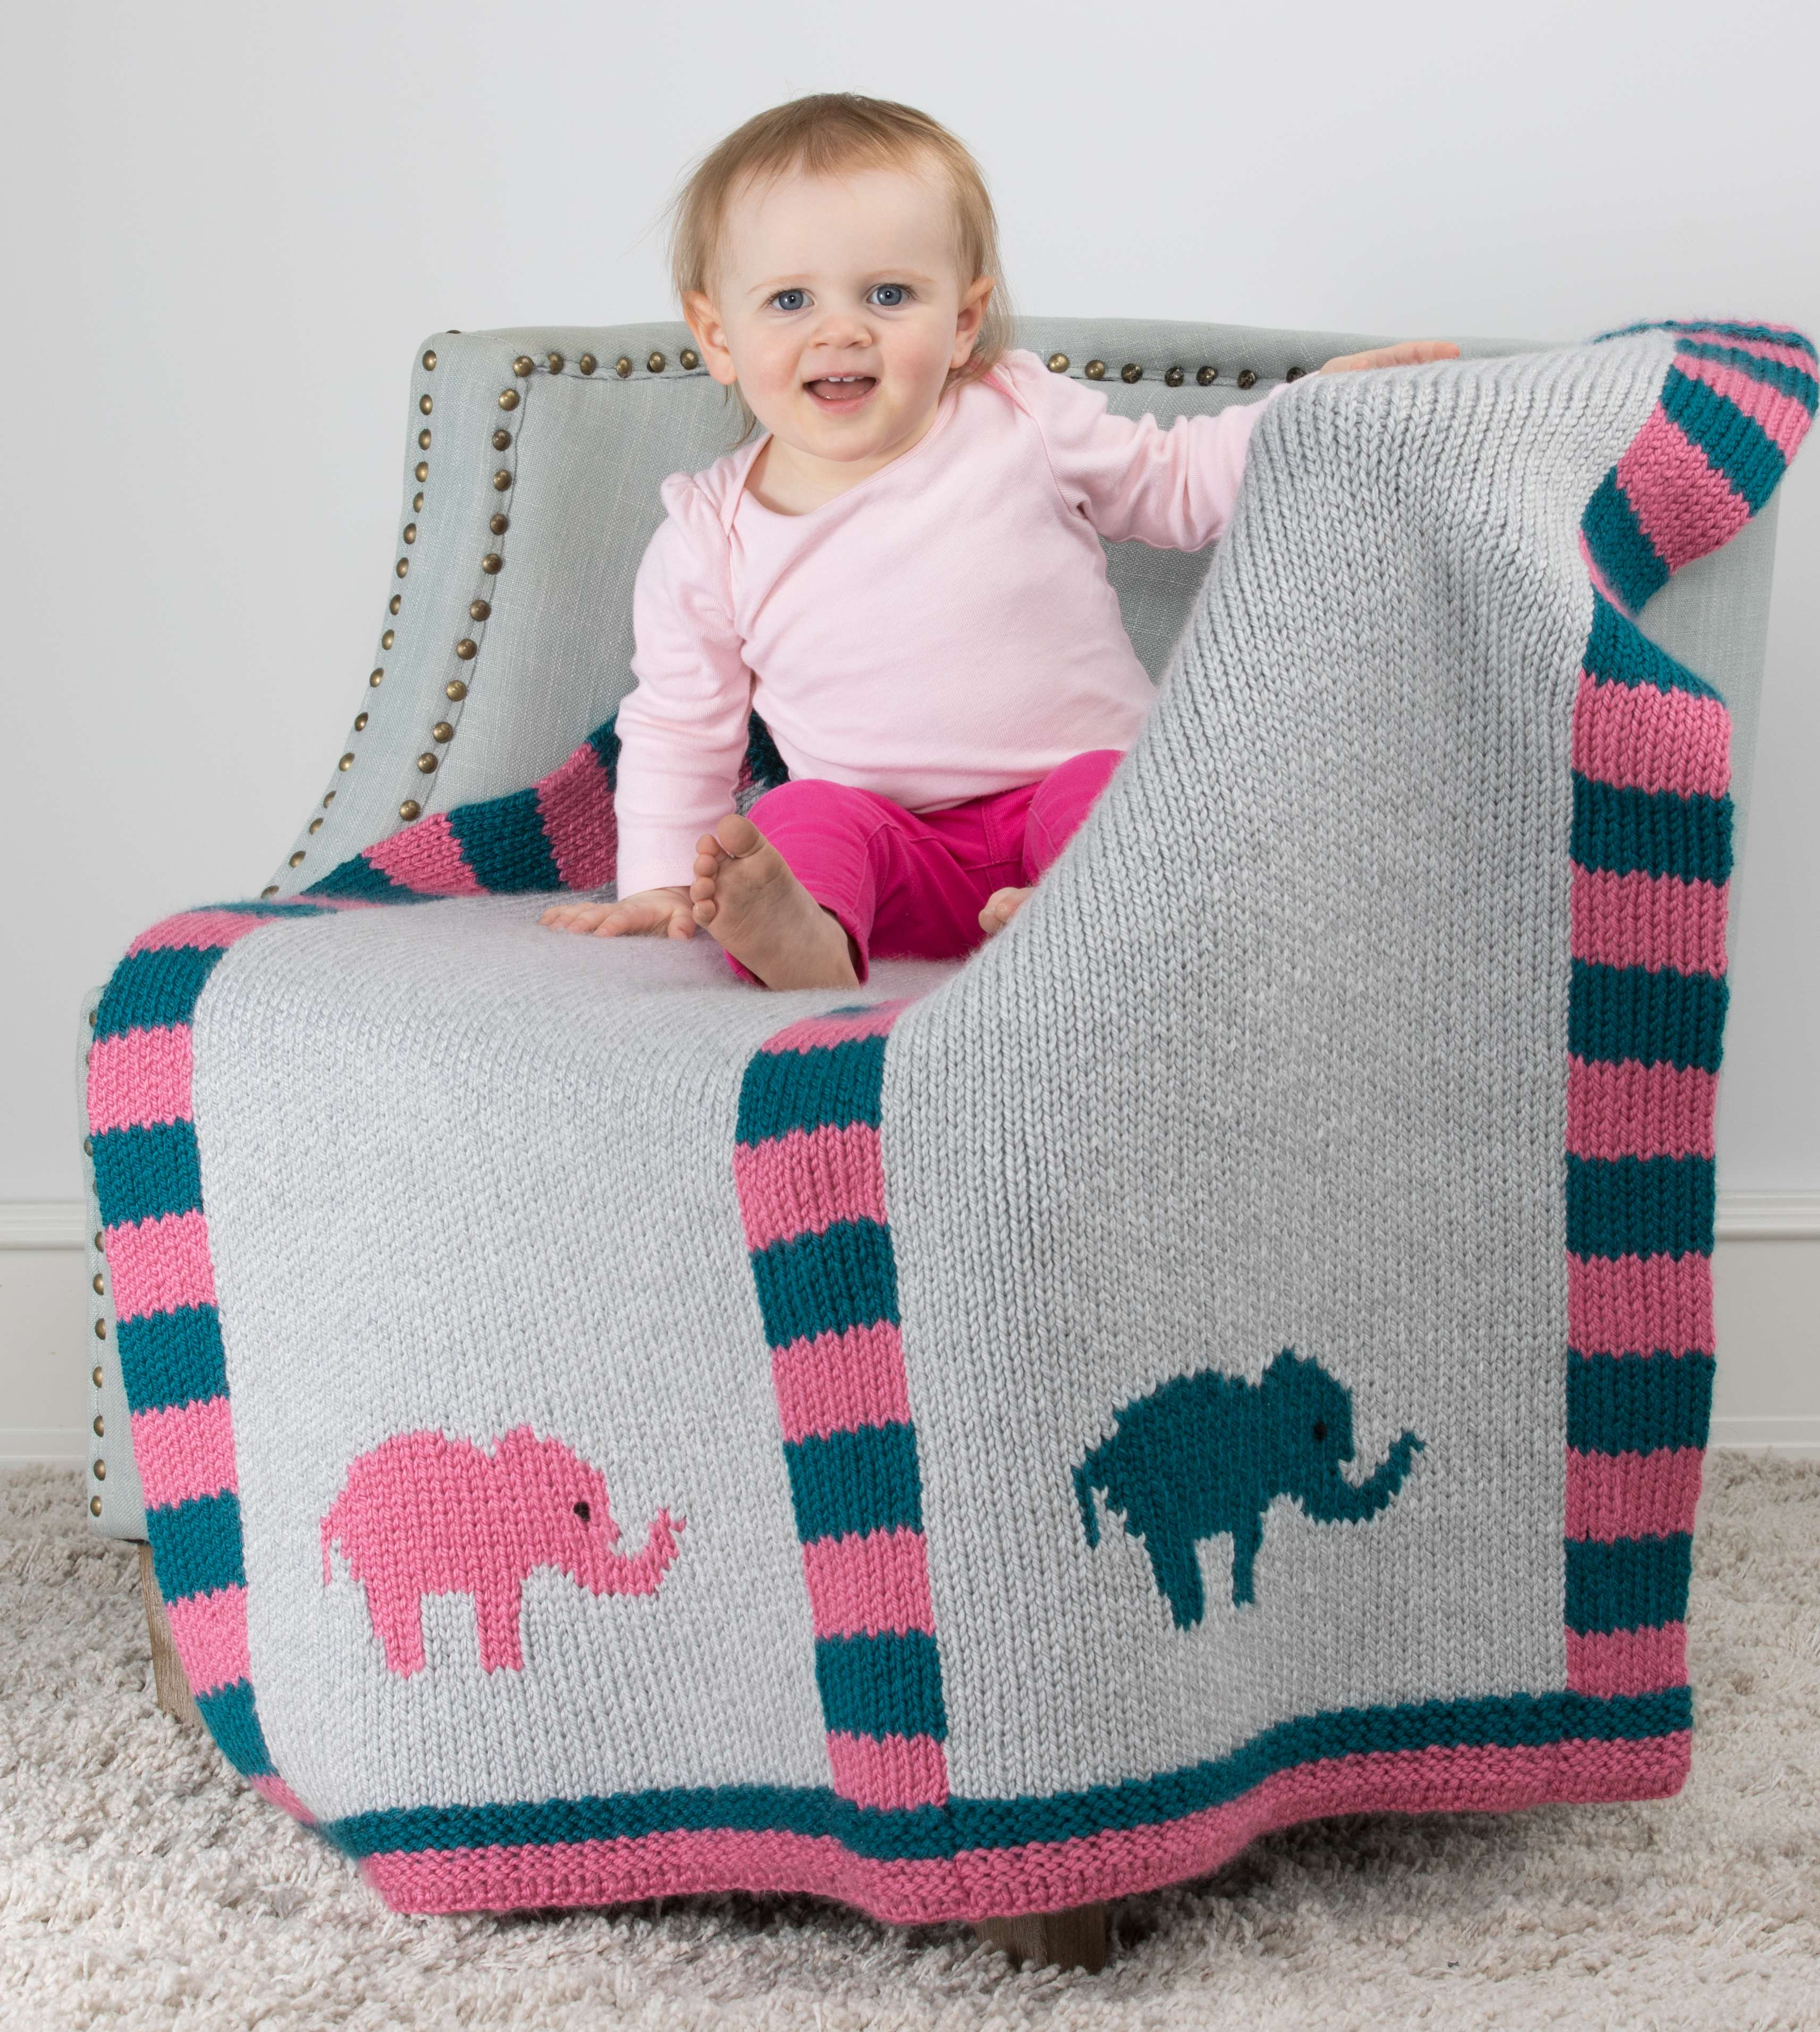 Knitting Pattern Baby Blanket Elephant : Elephant Baby Blanket (double knit)   Knitting Board Blog